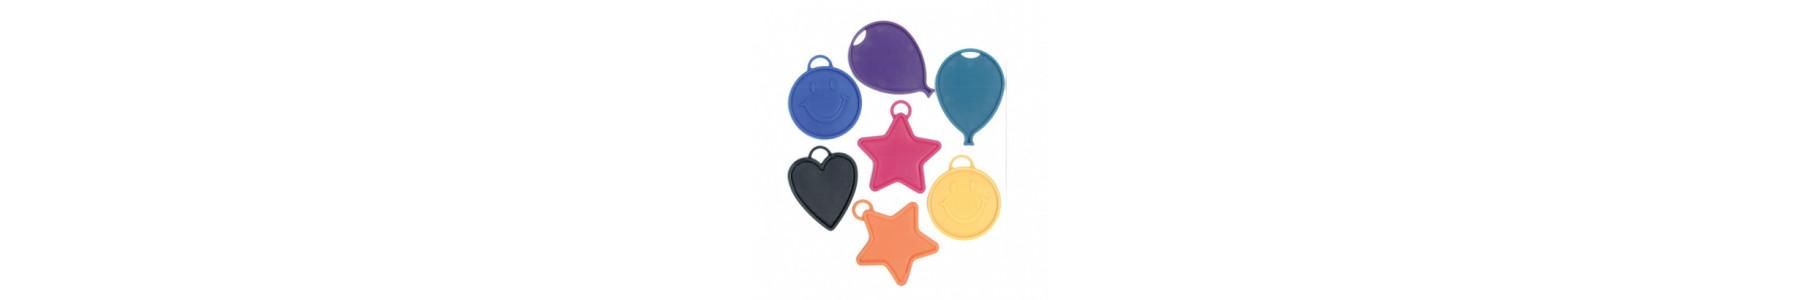 Greutati pentru baloane